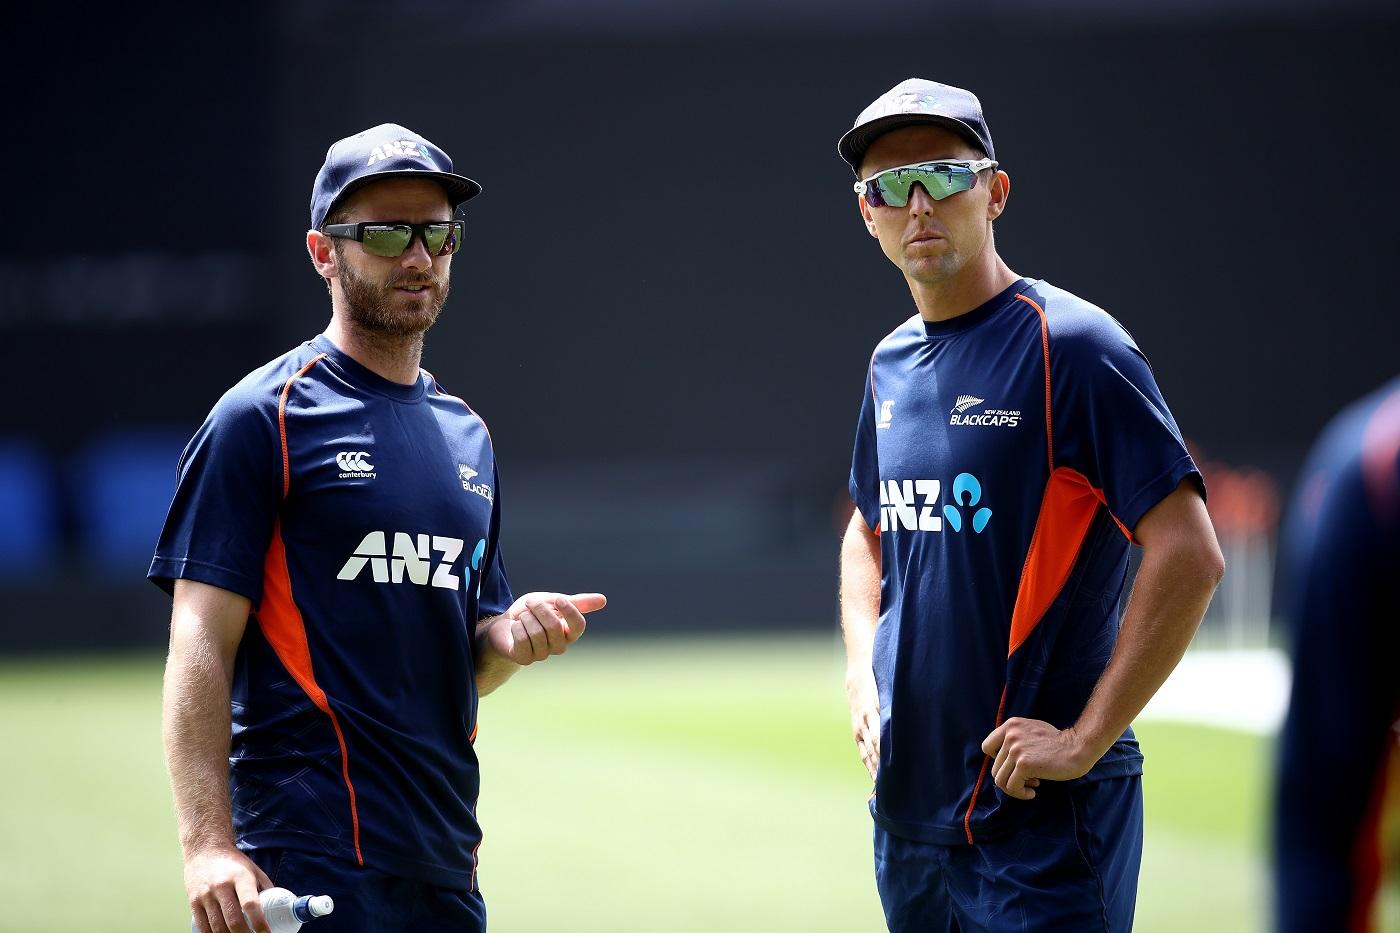 पिछले एक साल से एक भी मैच नहीं खेला है यह तेज गेंदबाज, फिर भी आईसीसी रैंकिंग में नंबर-1 2